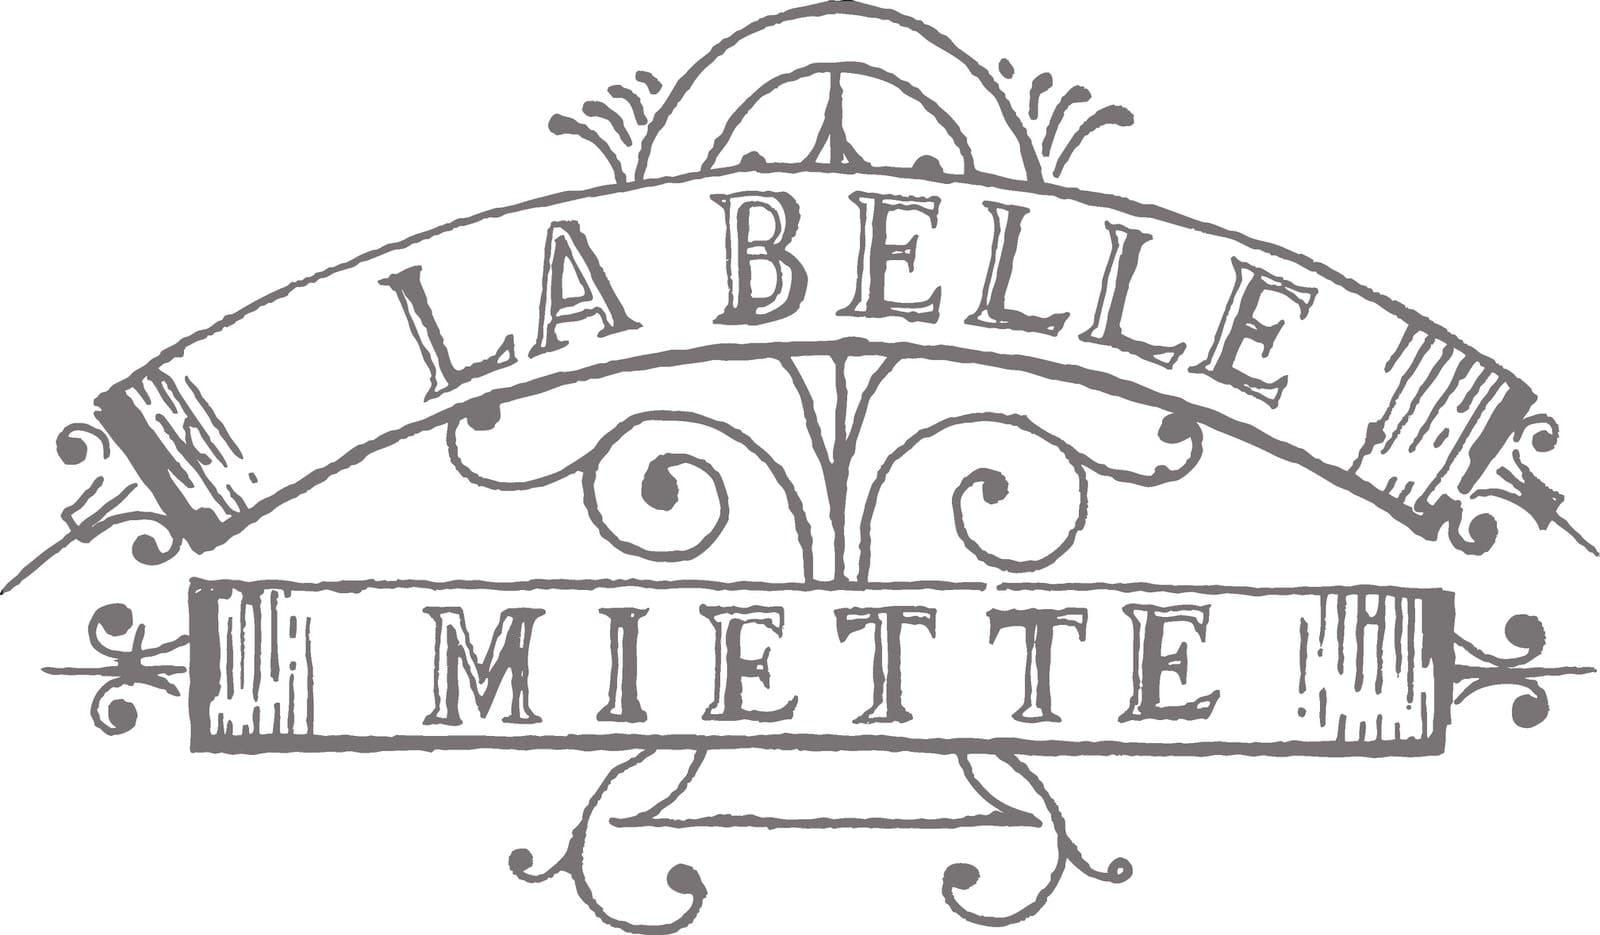 La Belle Miette